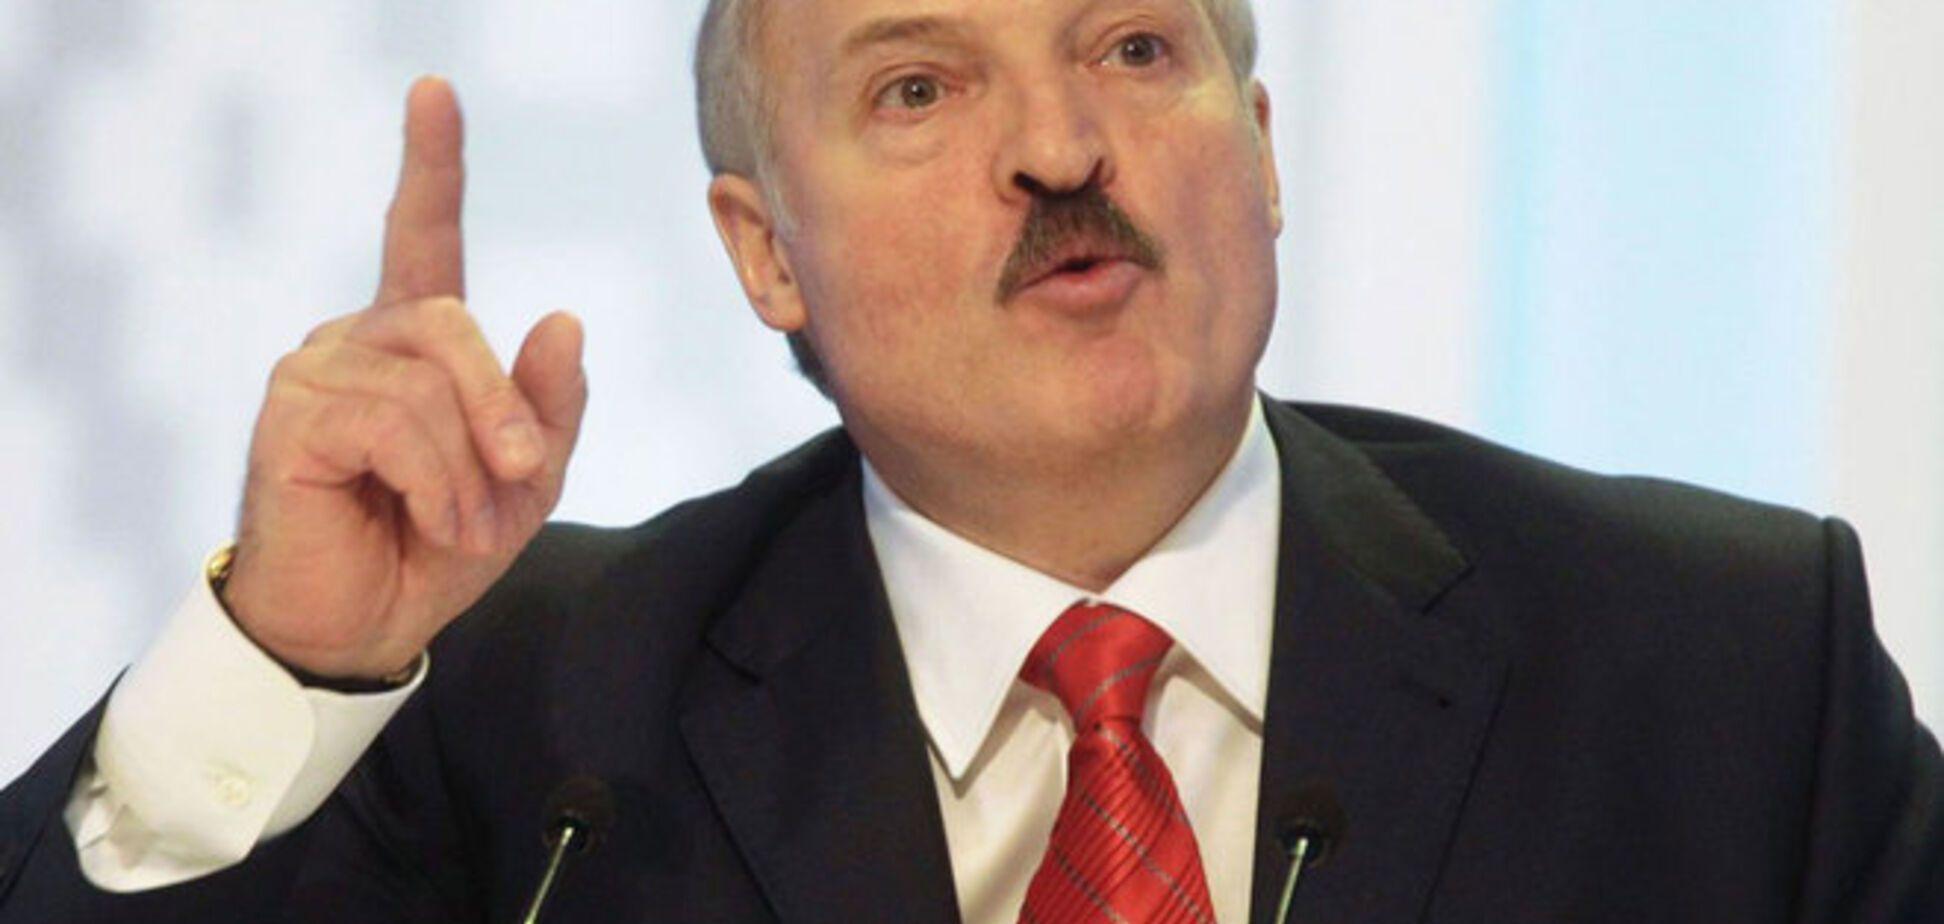 Лукашенко отжег: 'Отдать Казахстану всю территорию России!'